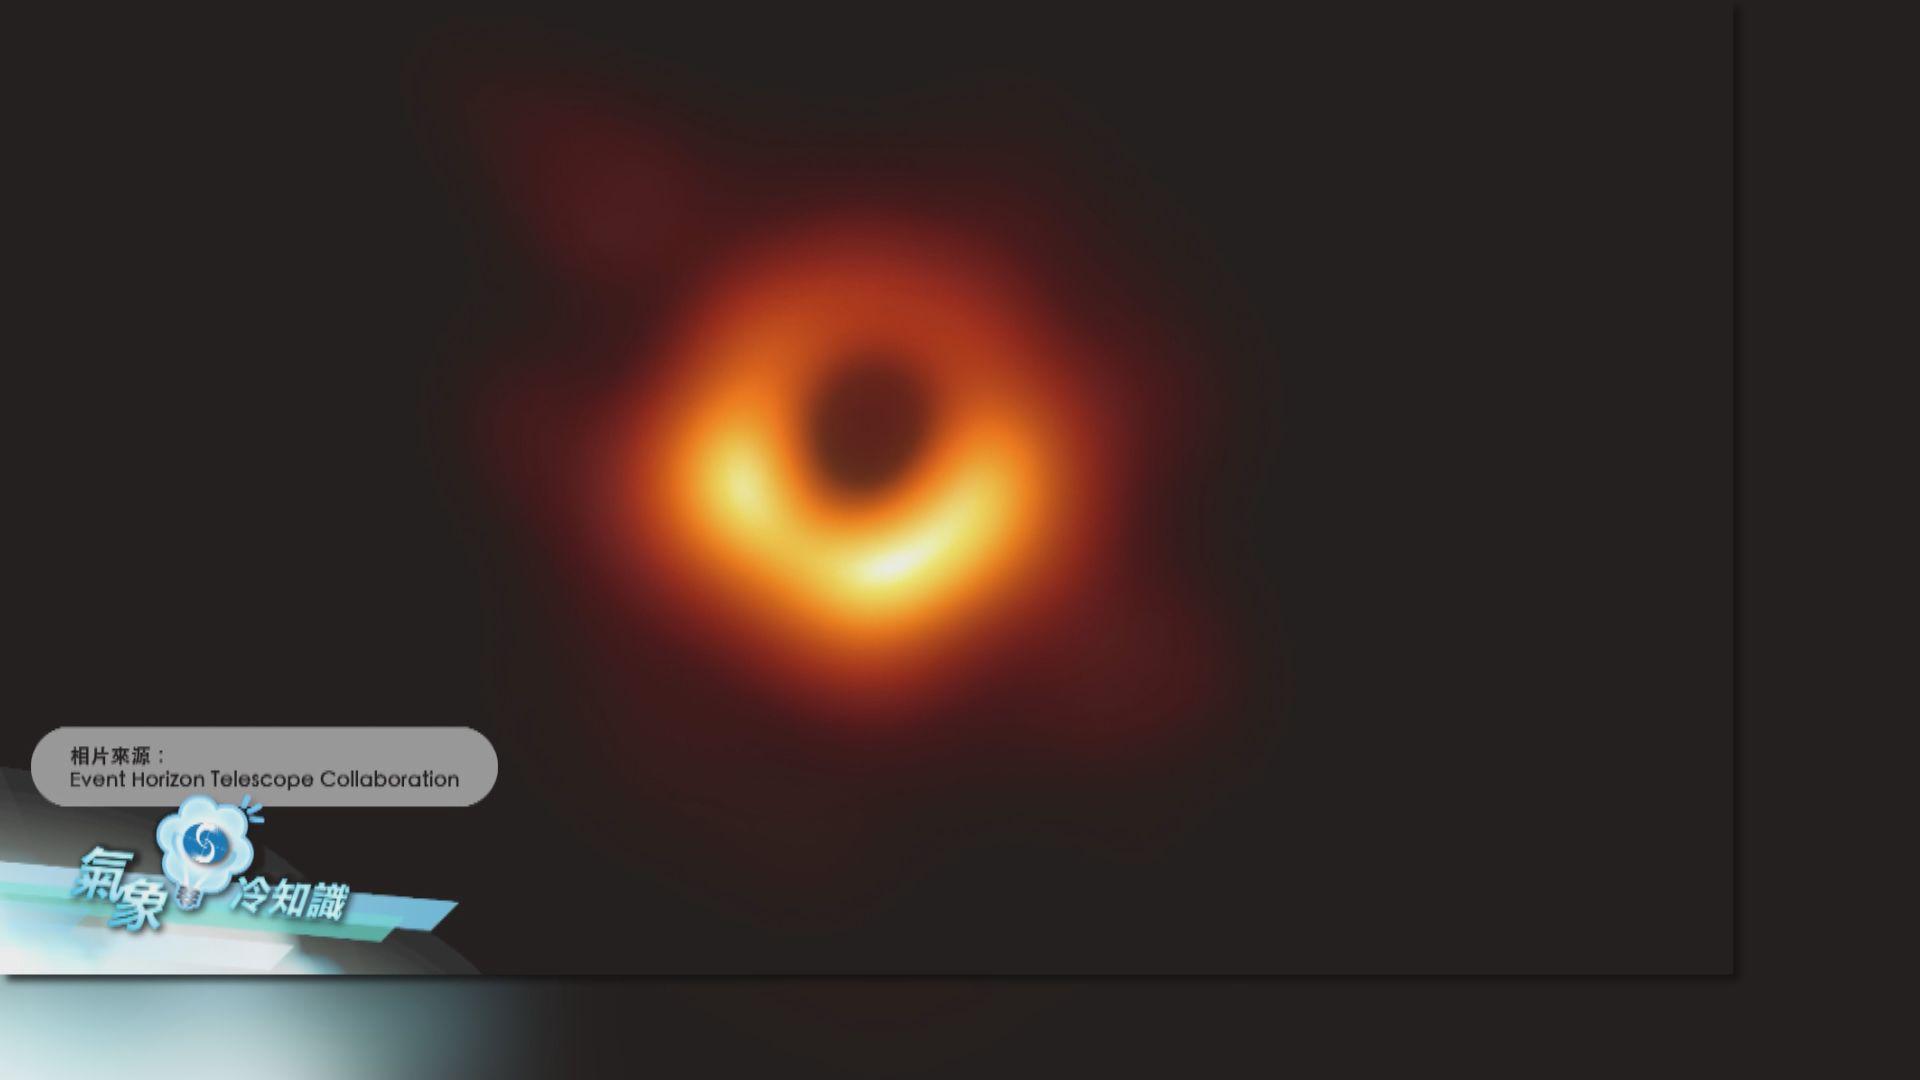 【氣象冷知識】黑洞